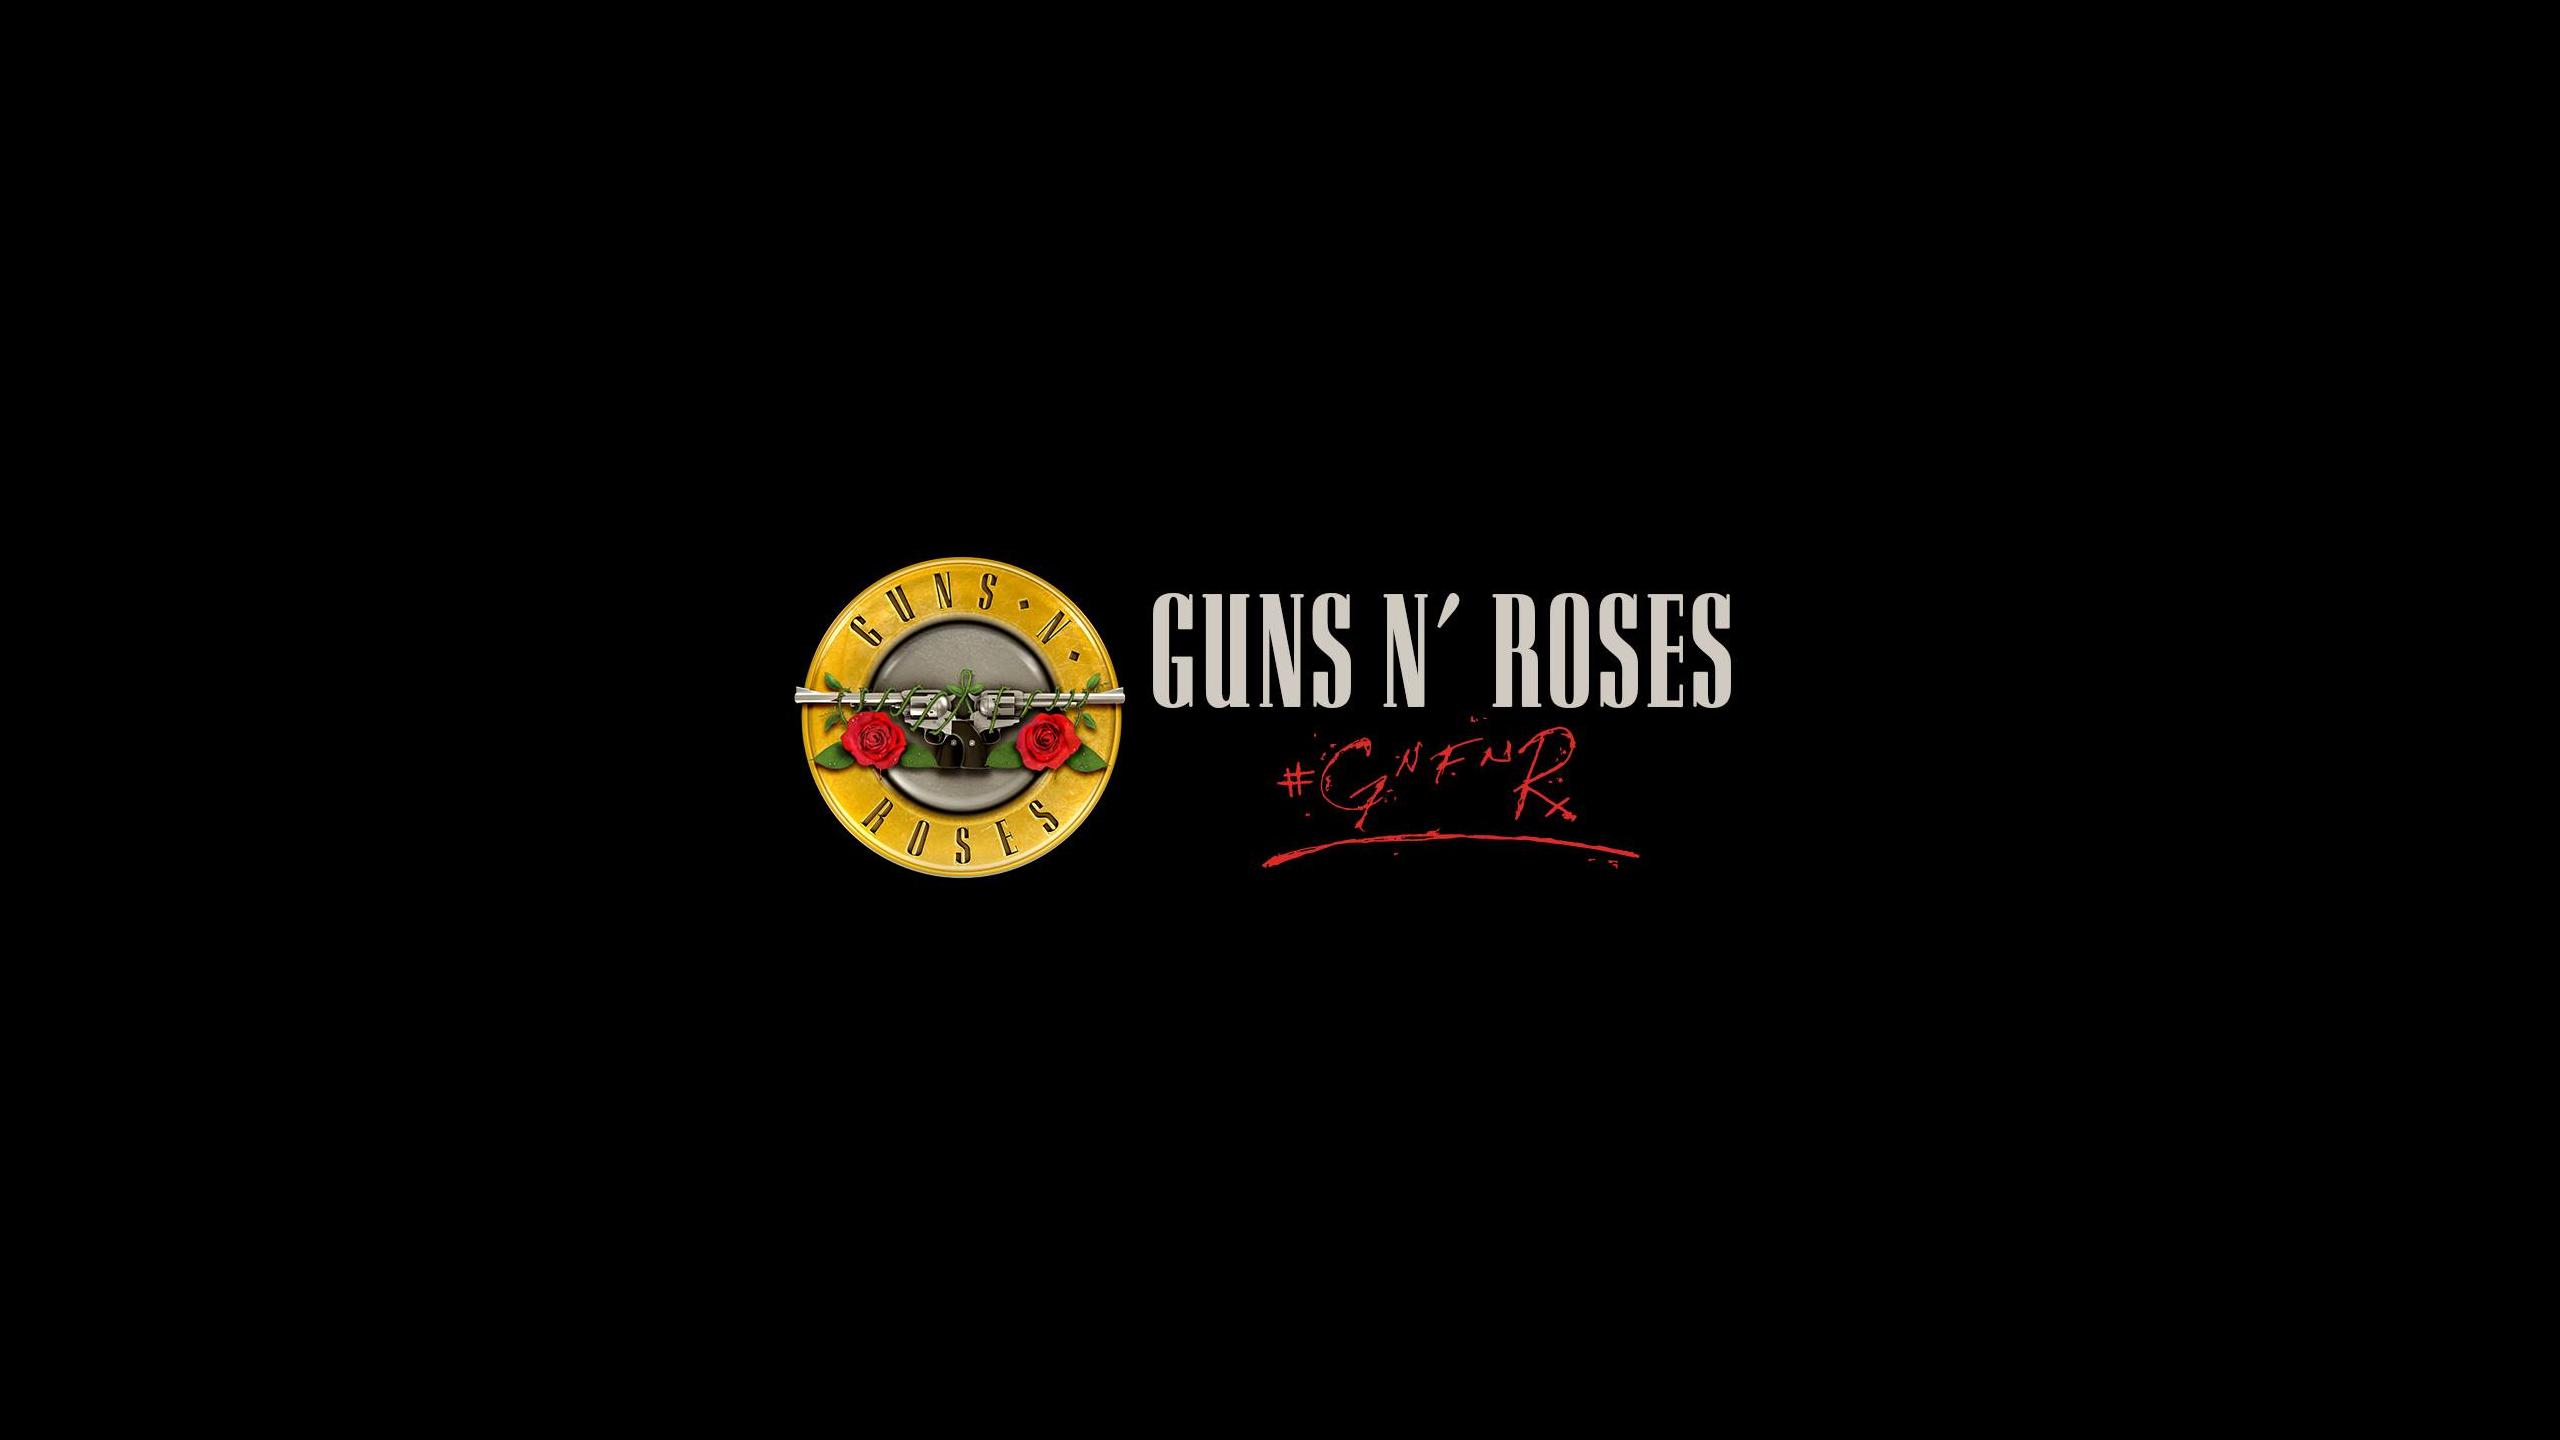 guns n roses logo - HD2560×1440